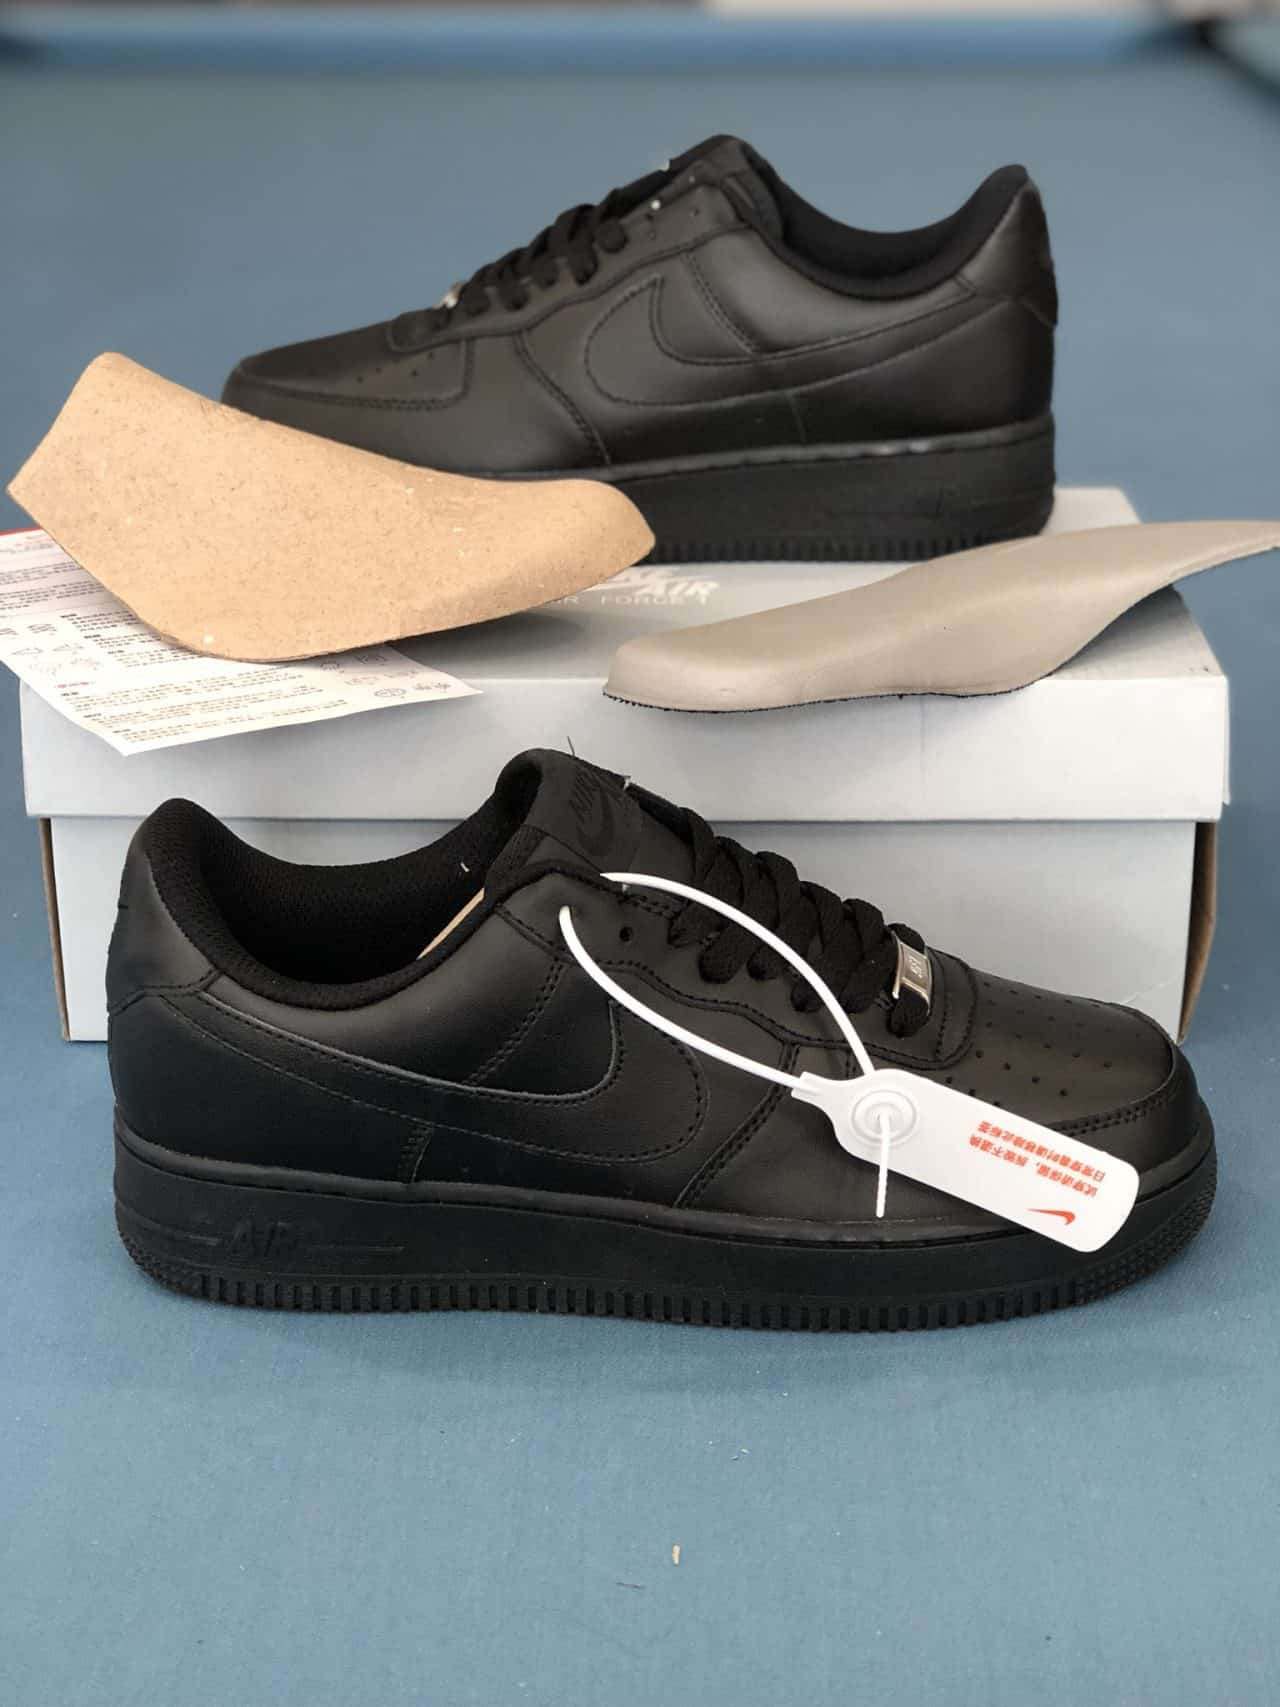 Giày Nike Air Force 1 phiên bản đen trắng mang đến sự thanh lĩnh, phong độ cho phái mạnh